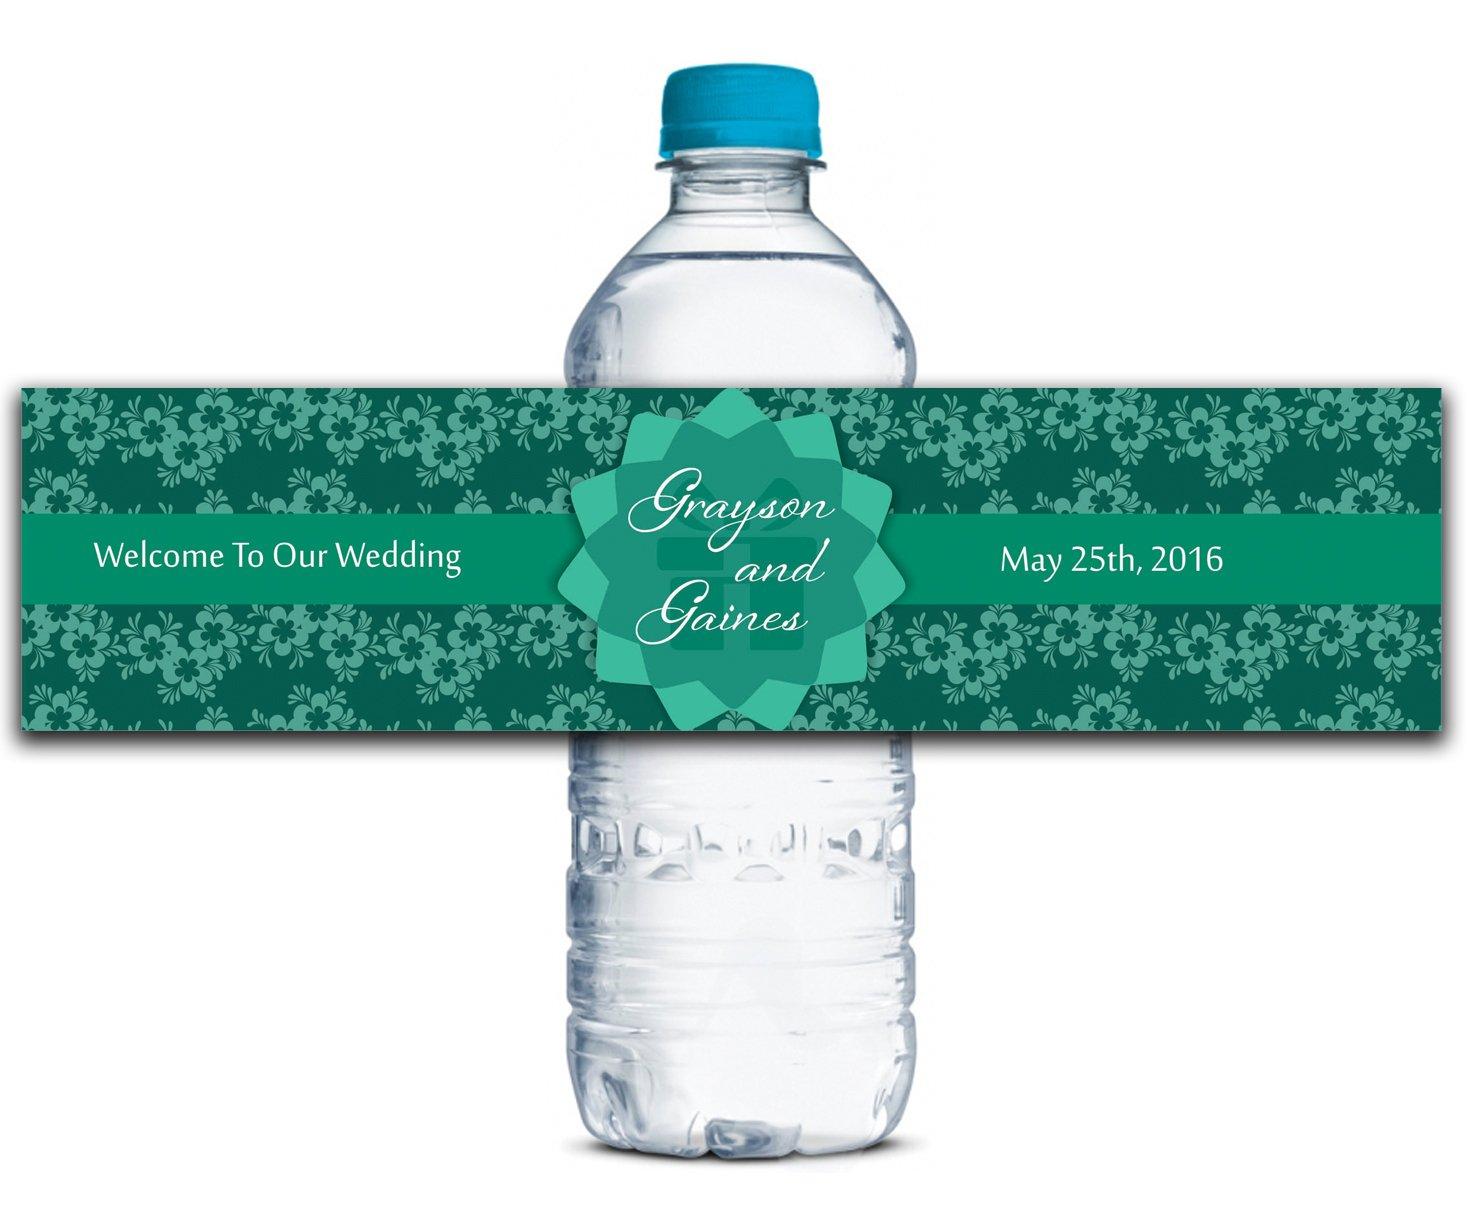 Personalisierte Personalisierte Personalisierte Wasserflasche Etiketten Selbstklebende wasserdichte Kundenspezifische Hochzeits-Aufkleber 8  x 2  Zoll - 50 Etiketten B01A0W53YK | Ausgezeichnete Leistung  57d9cd